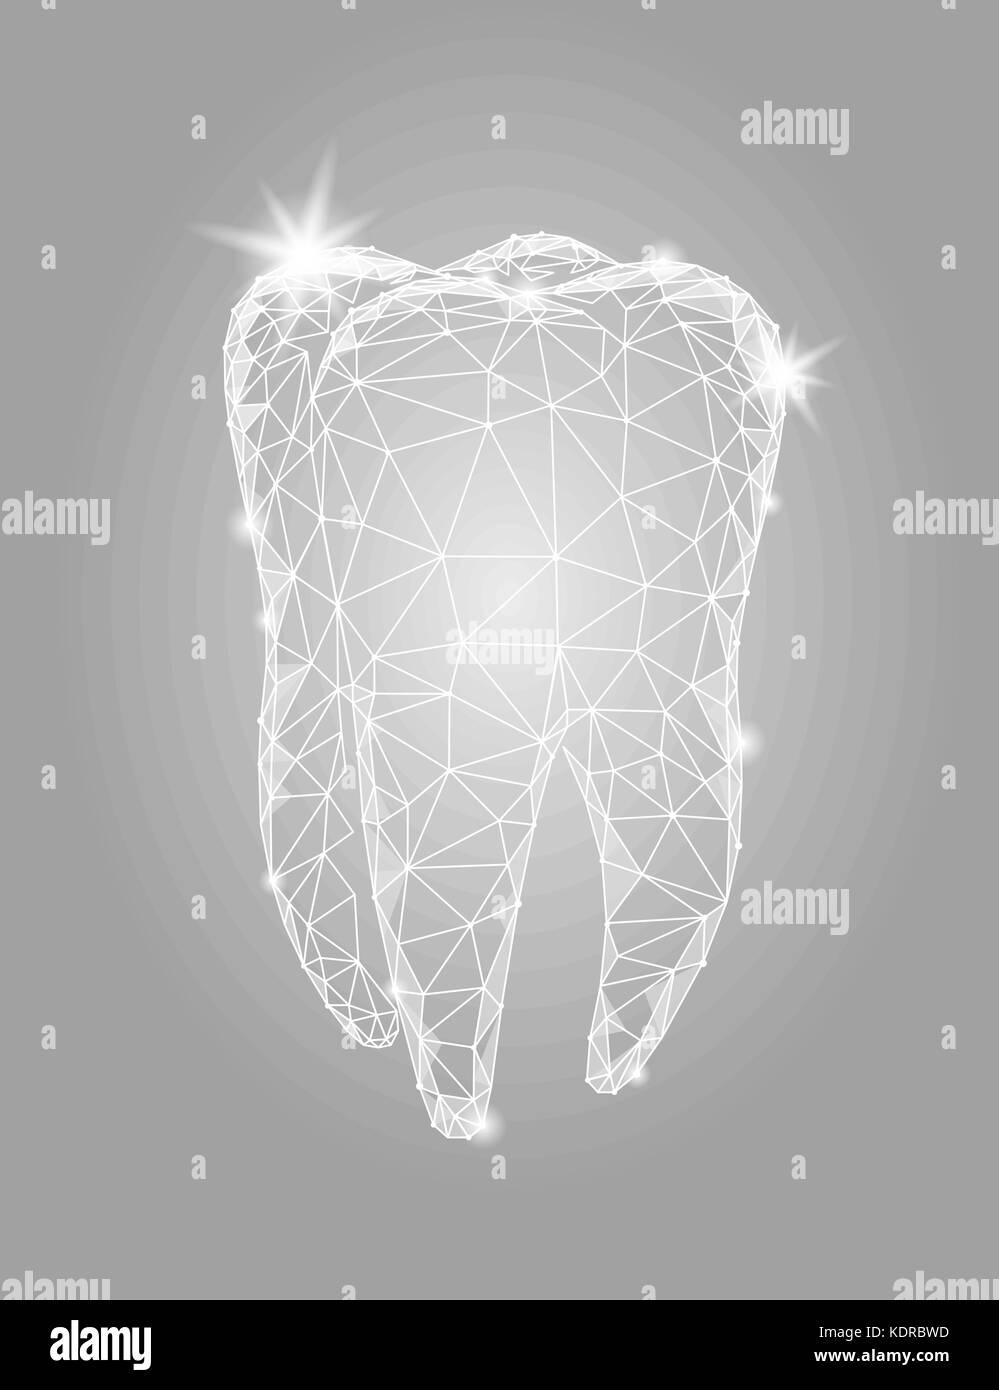 Illustration Human Tooth Structure Stockfotos & Illustration Human ...